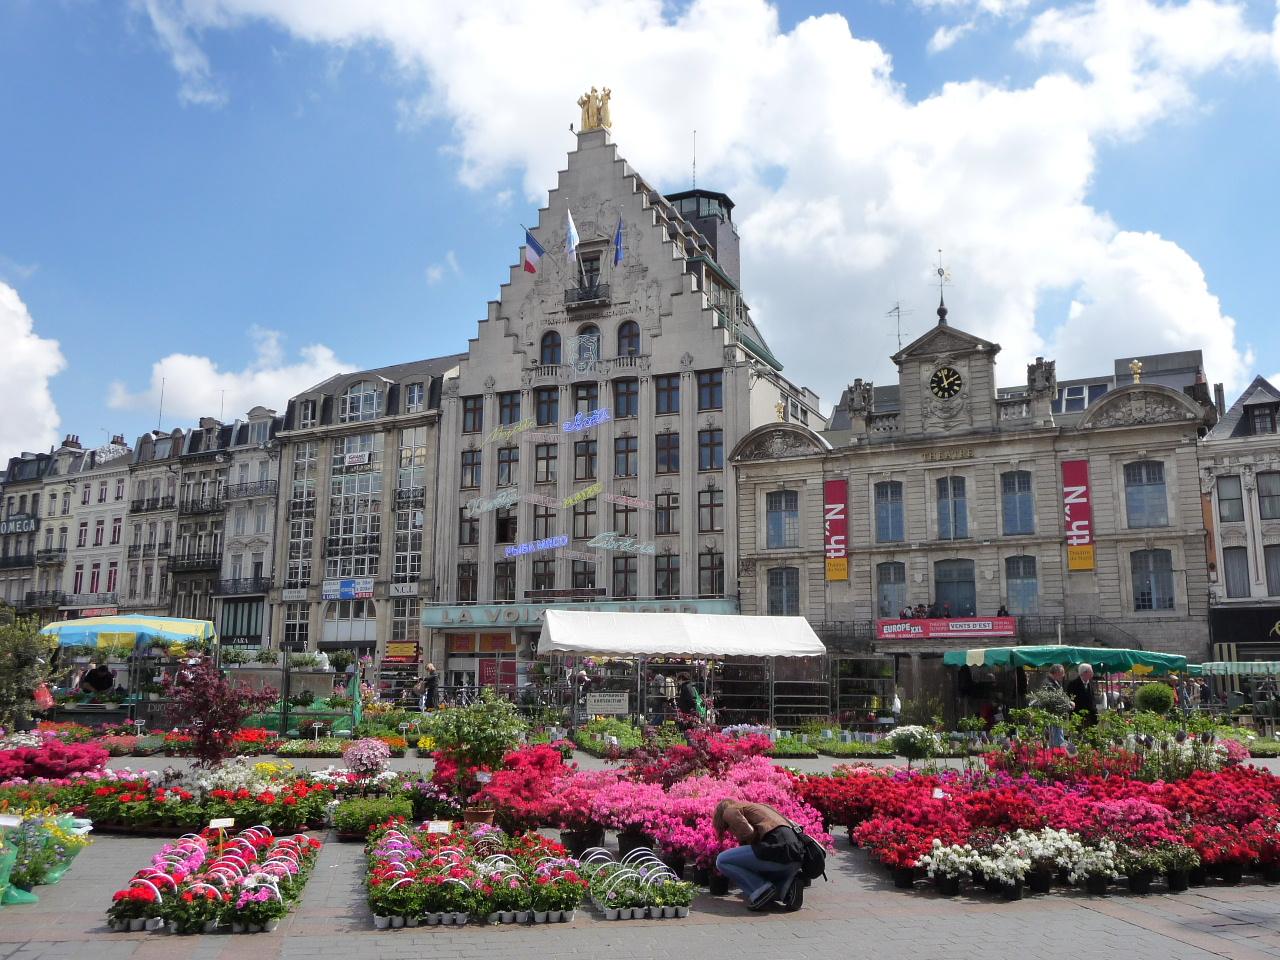 Le march aux fleurs sur la grand 39 place de lille du 24 au for Place du jardin aux fleurs